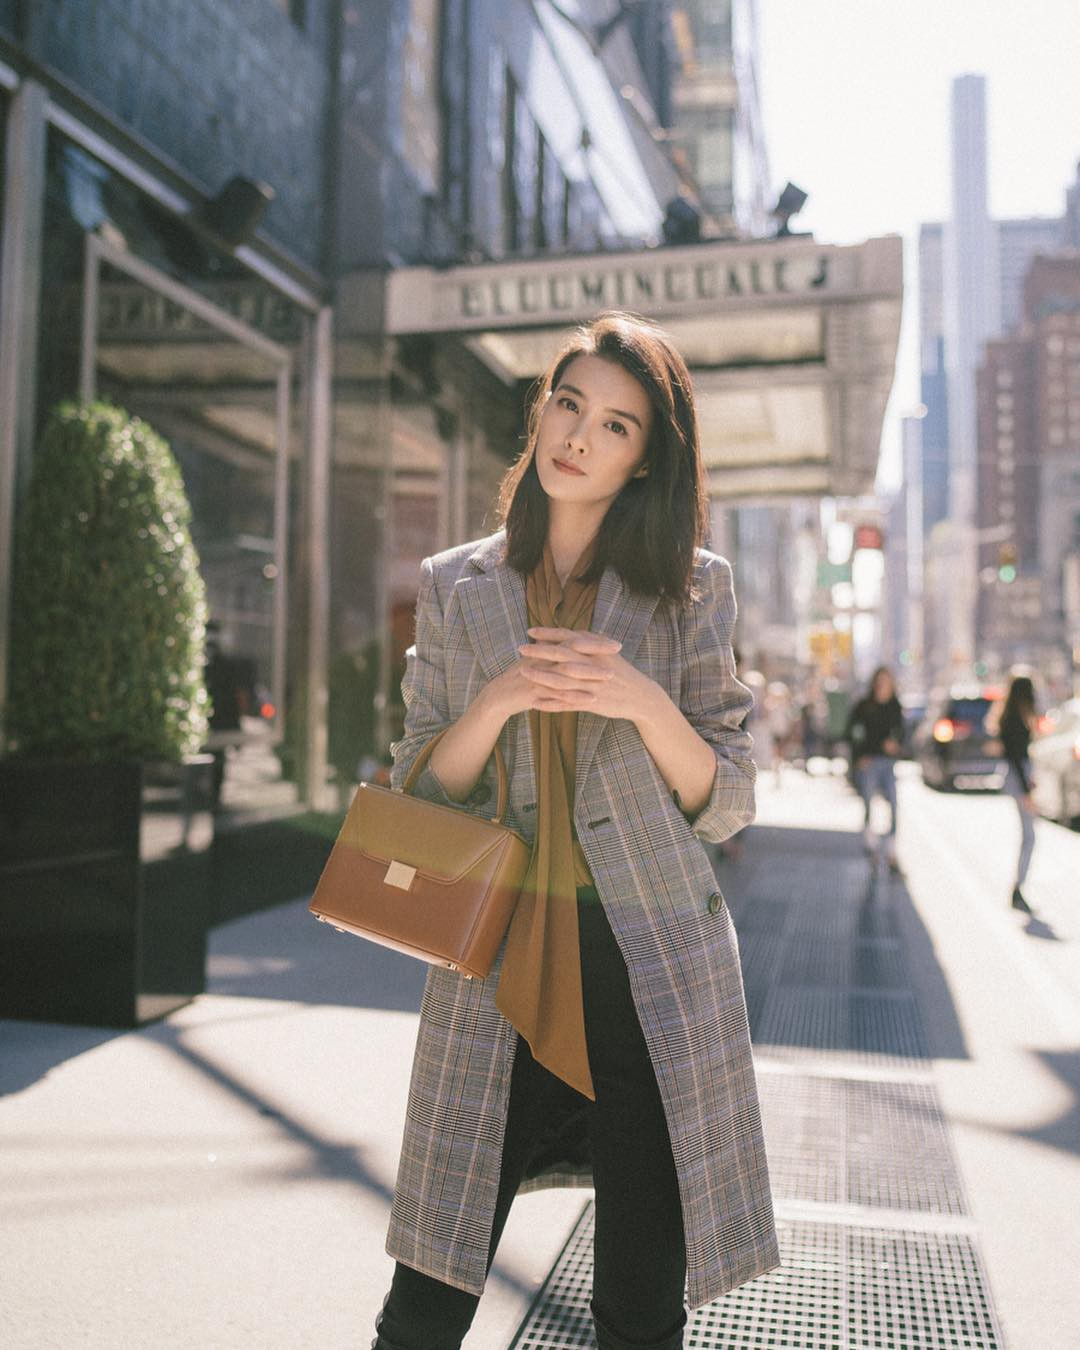 4 món thời trang các nàng nên đầu tư mỗi khi 'rủng rỉnh' tiền để tự cộng cho mình vài điểm thanh lịch, sang trọng